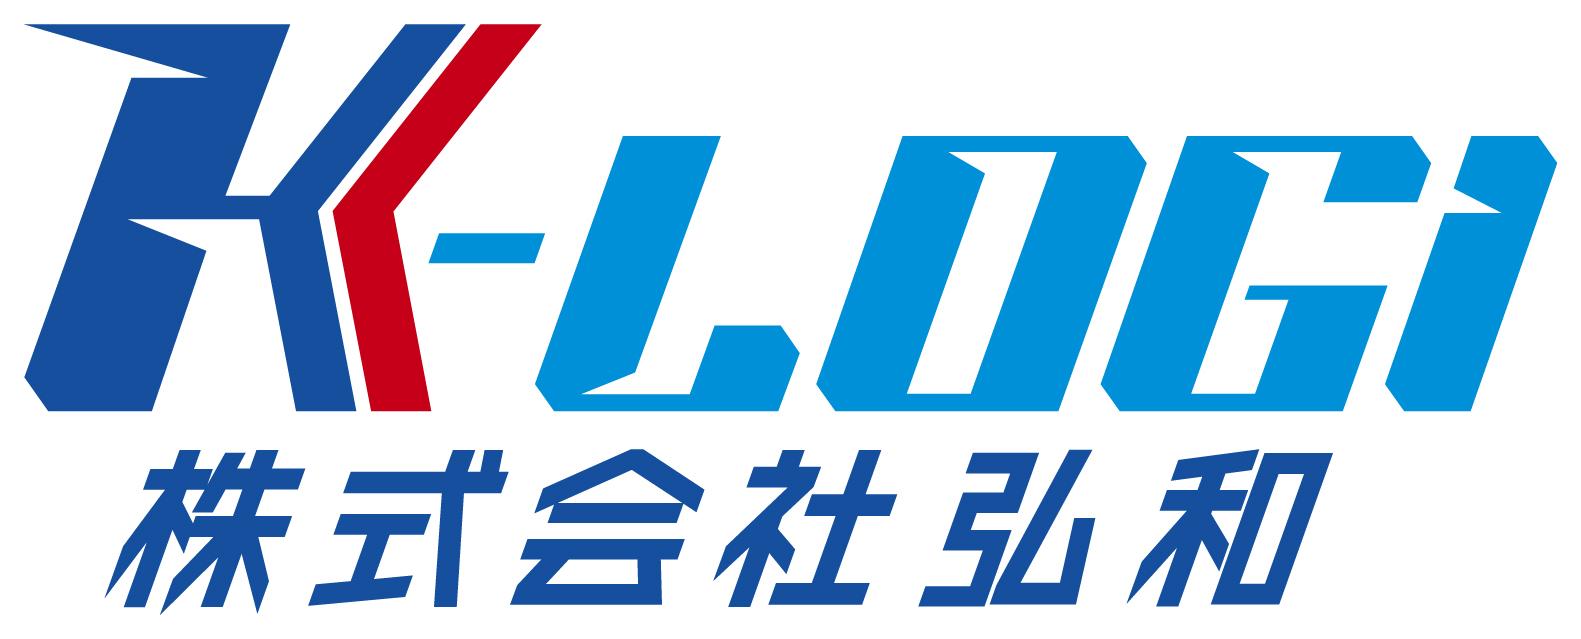 物流/運送とロゴタイプ(文字のみのデザイン)と青のロゴ